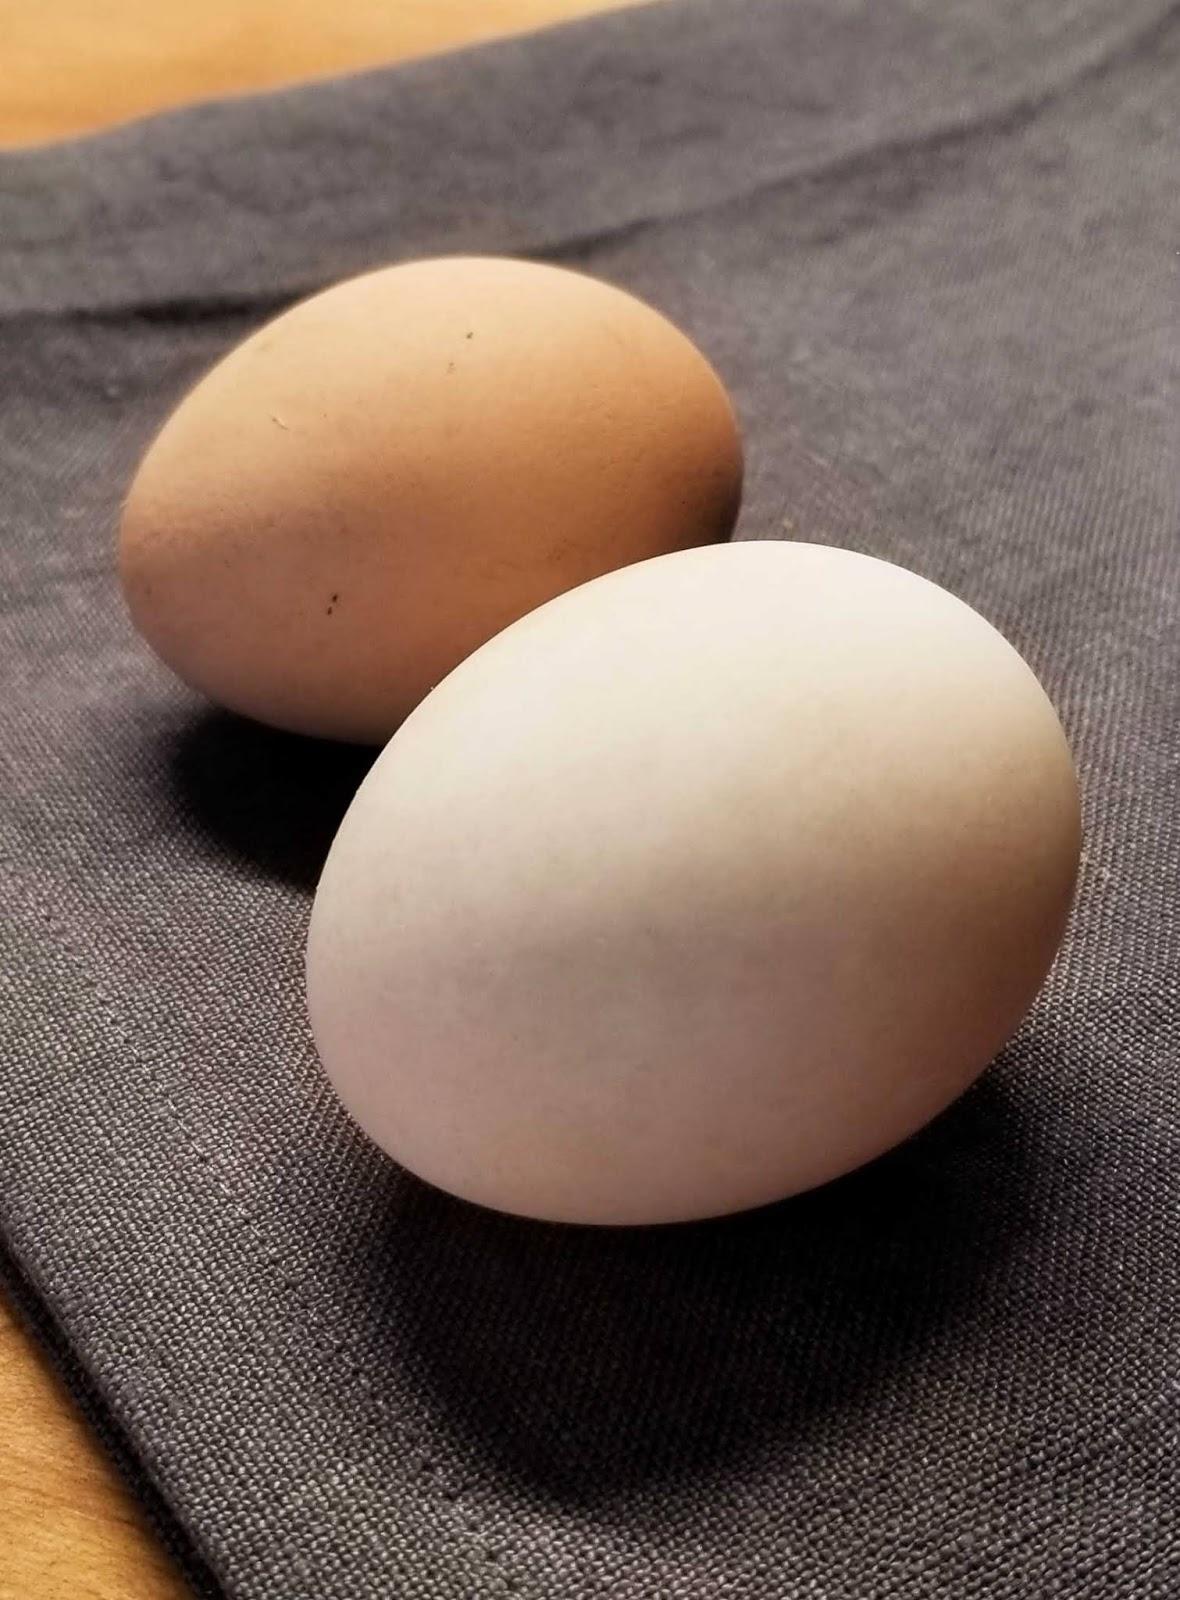 Чем утиные яйца лучше куриных? 12 плюсов и 1 минус